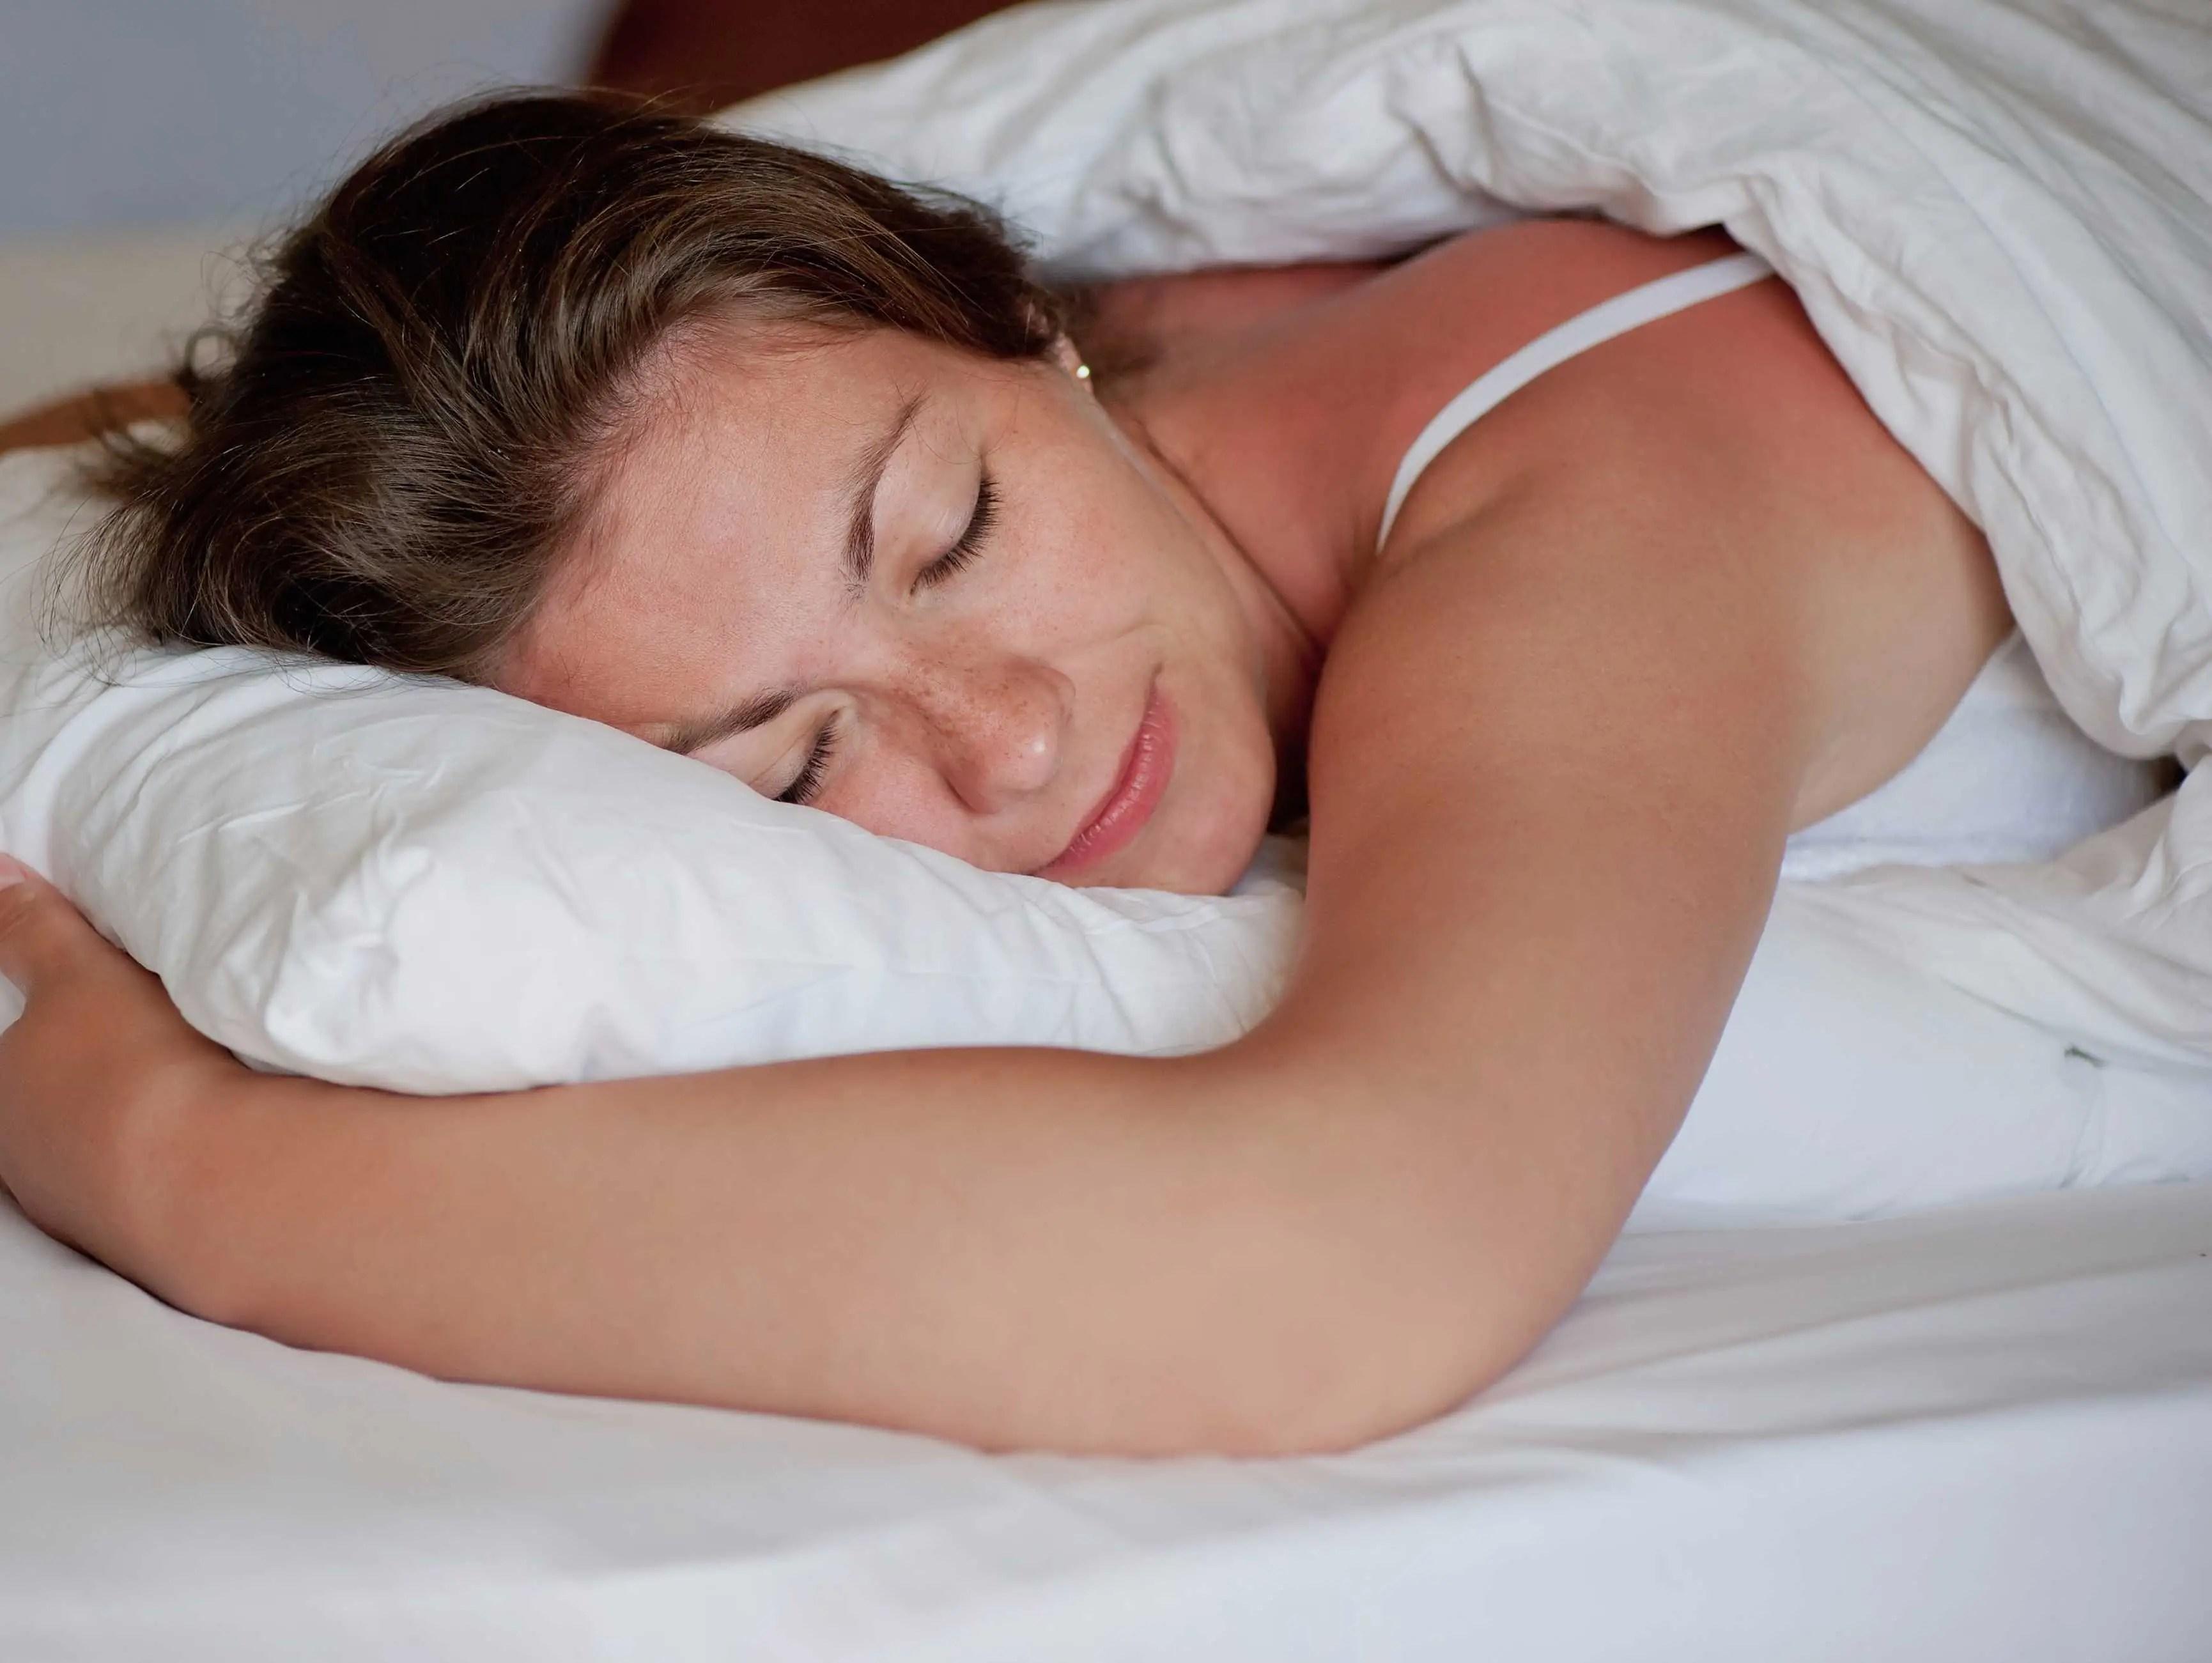 coussin pour dormir sur le ventre. Black Bedroom Furniture Sets. Home Design Ideas